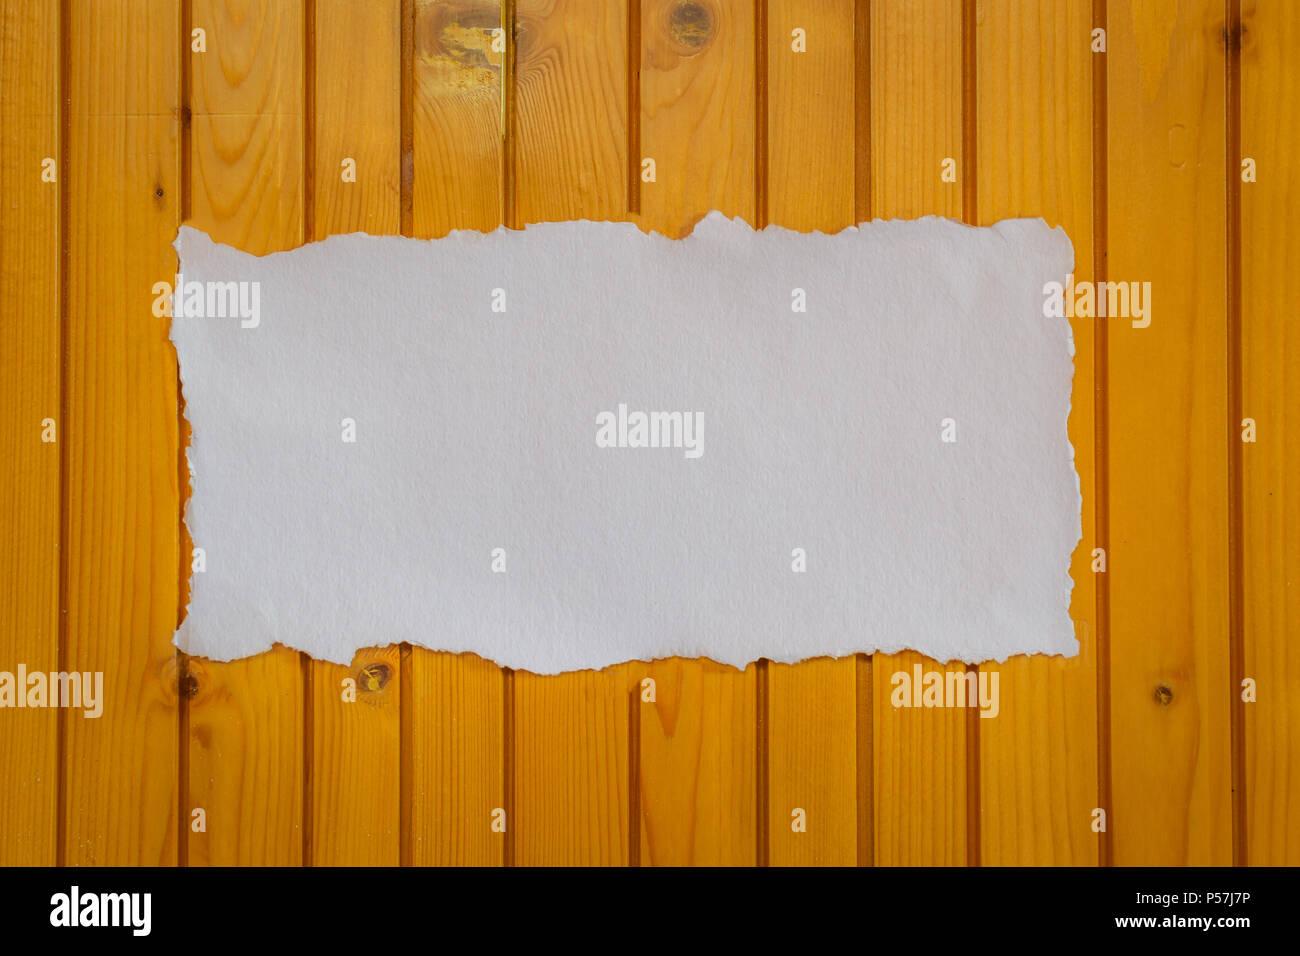 Weißes Blatt Papier auf einem Holzgetäfelten Hintergrund für Liebe Notizen und Einladungskarten Stockfoto